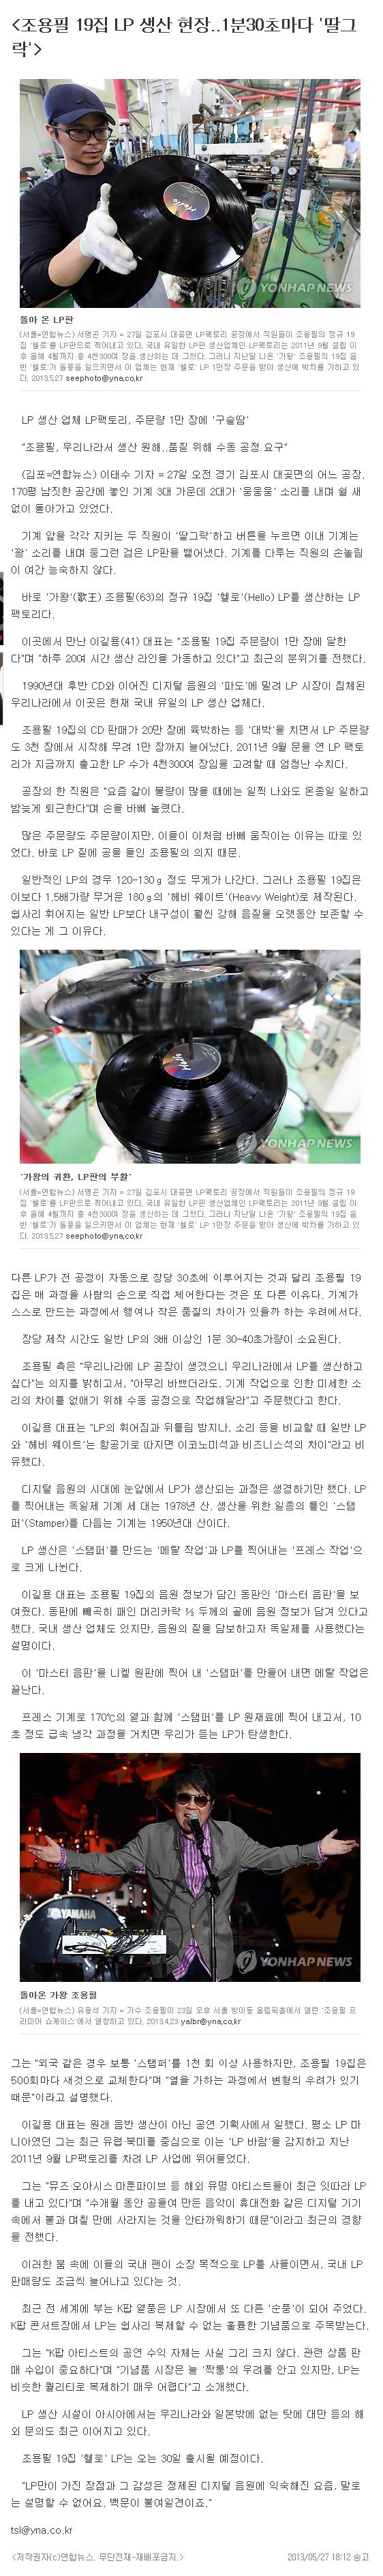 yonhapnews_co_kr_20130528_015847.jpg